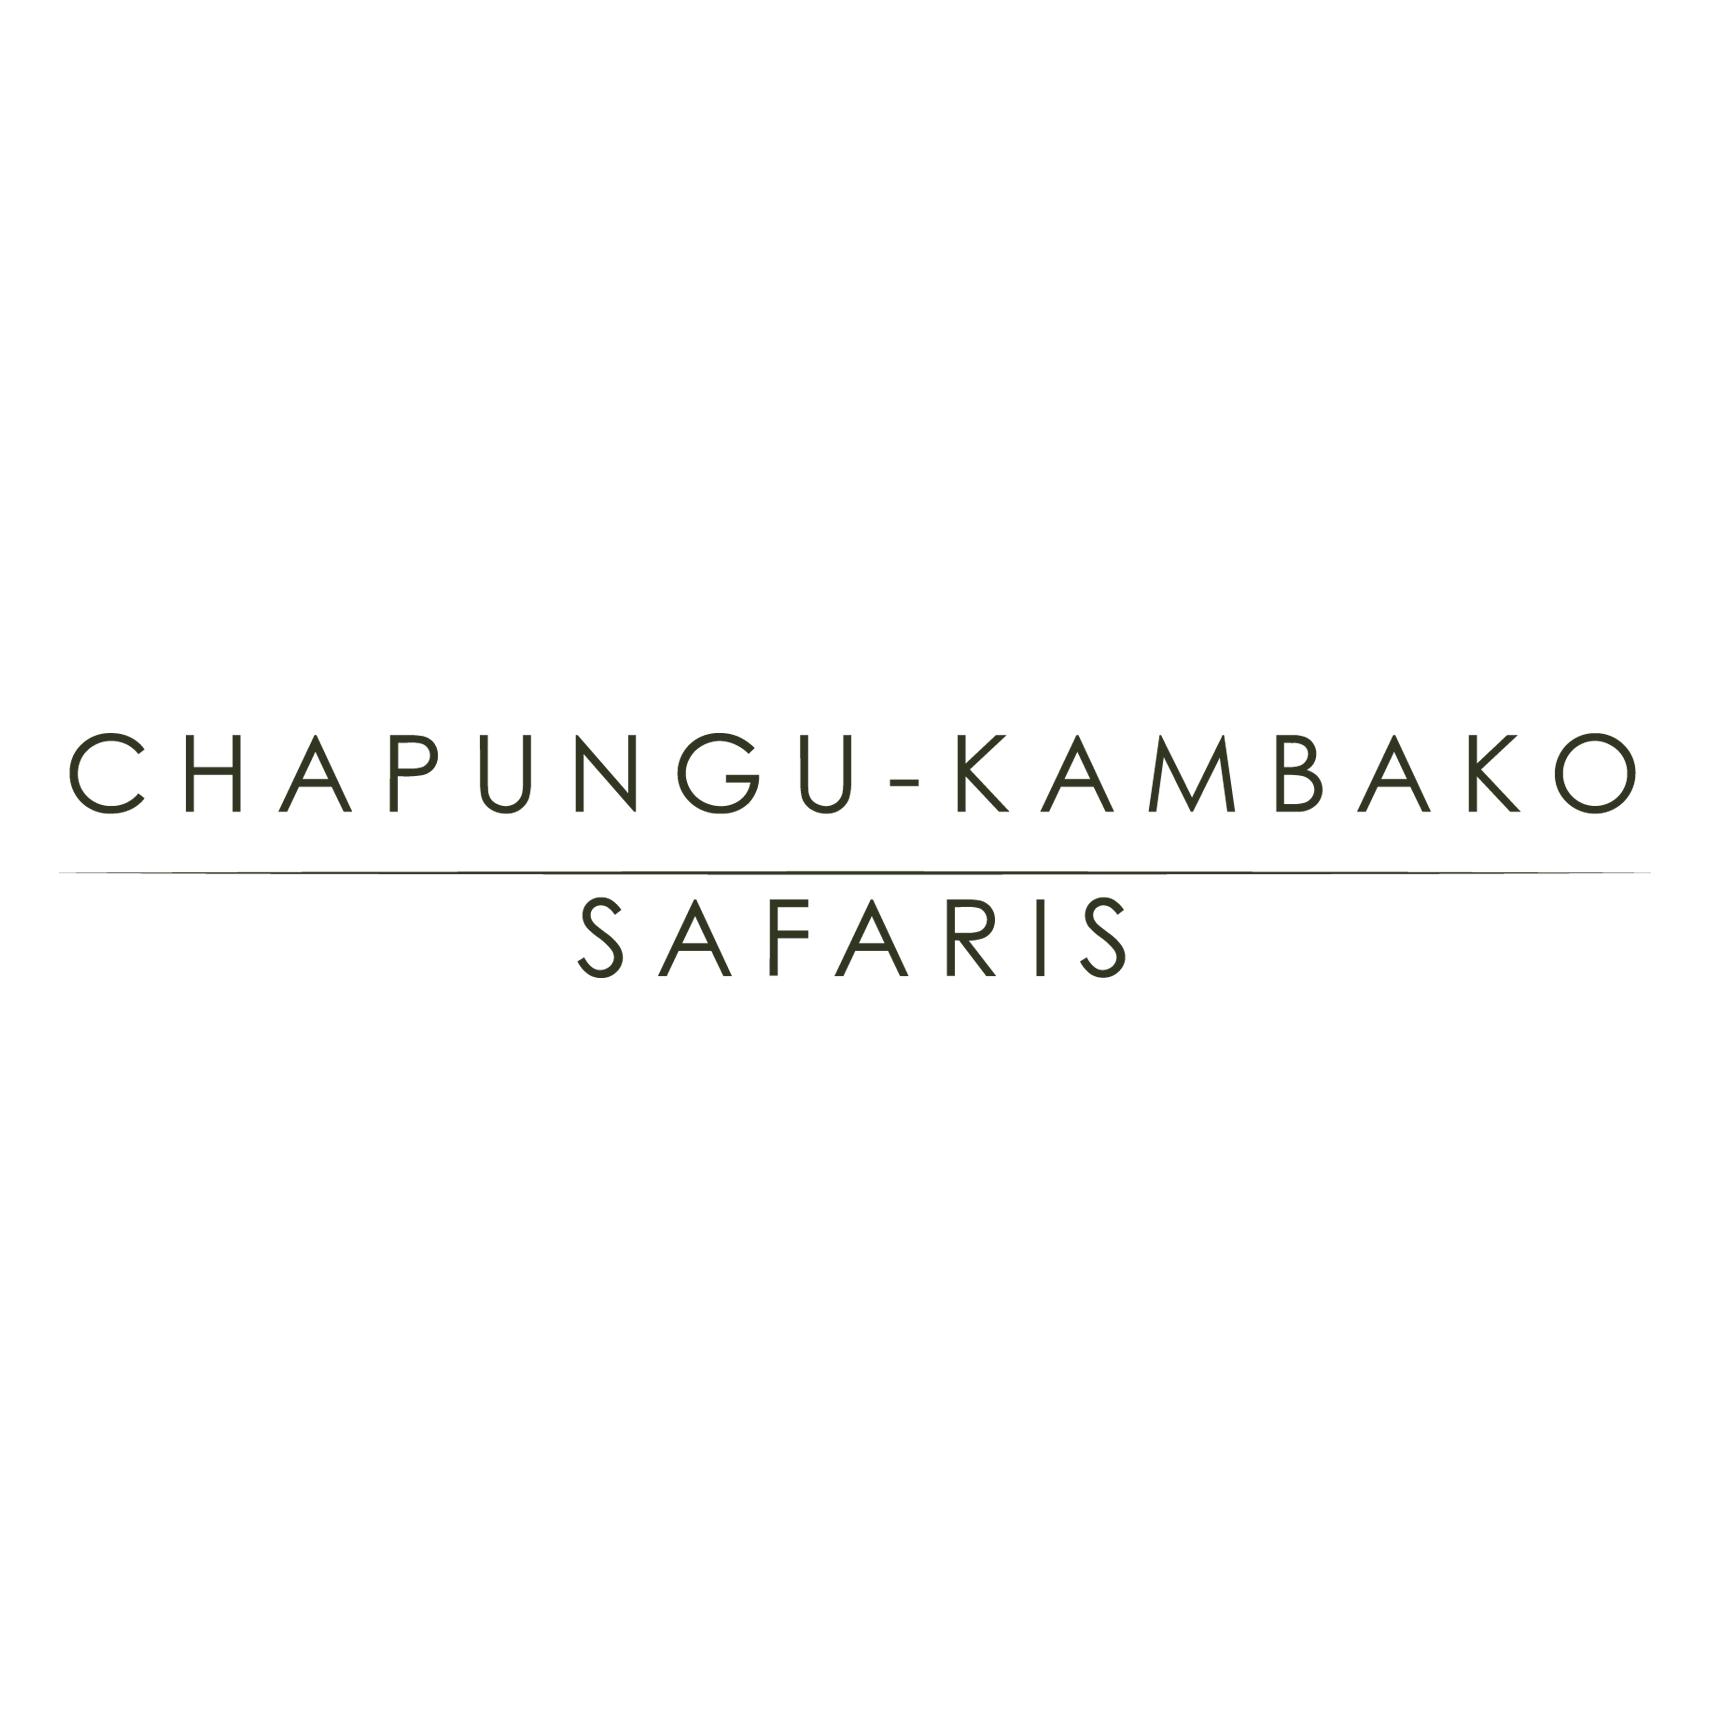 Chapungu-Kambako Safaris